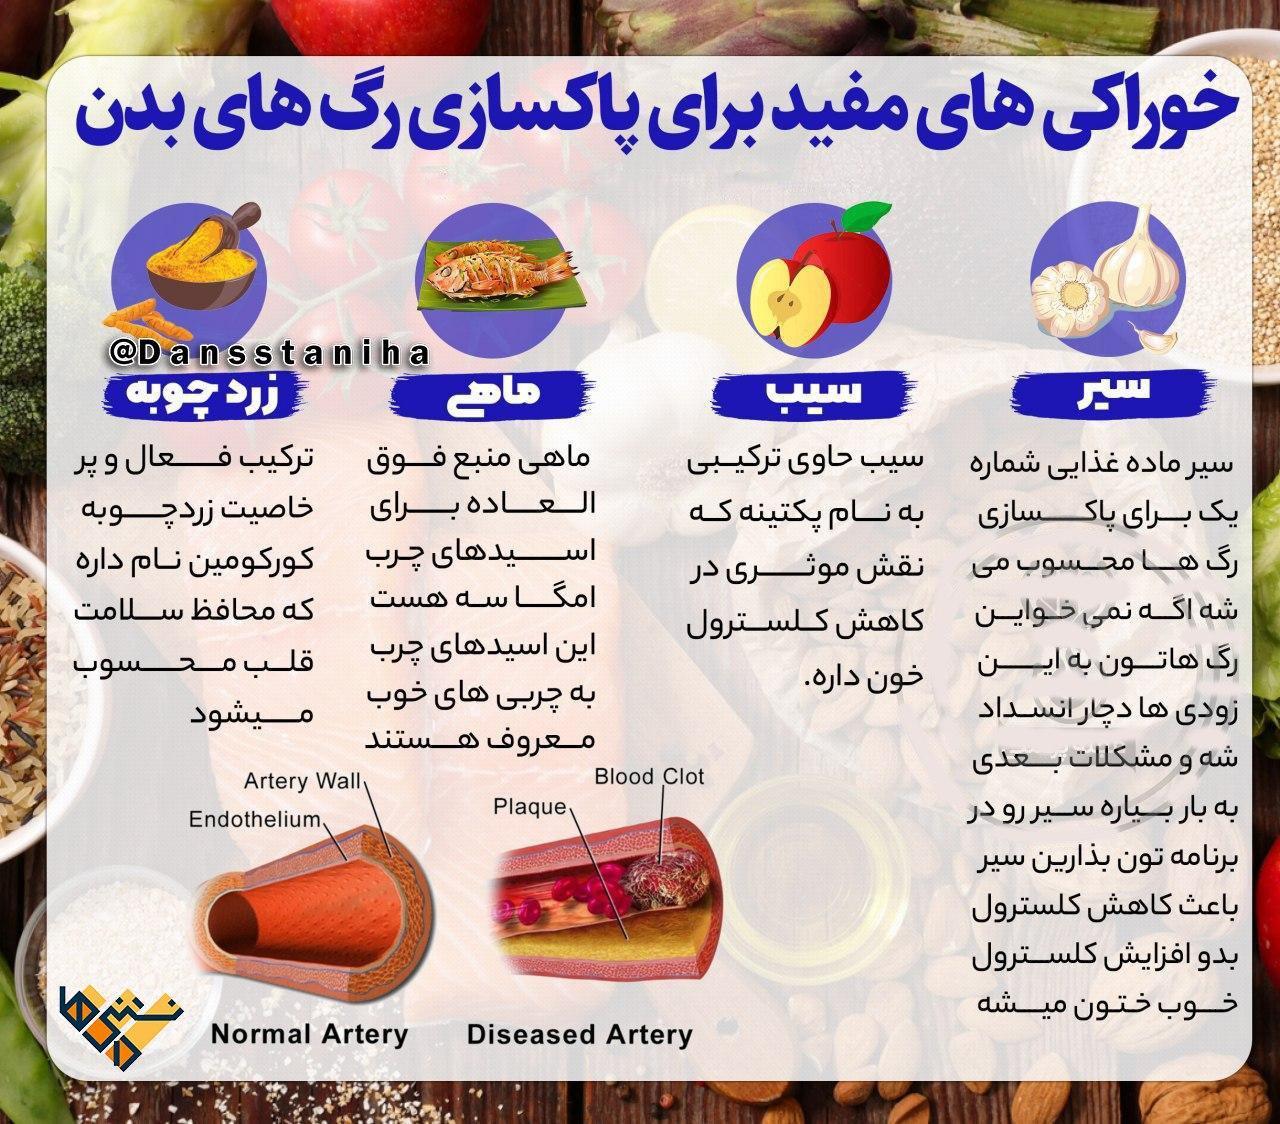 خوراکیهایی که رگهای بدن را پاکسازی میکند